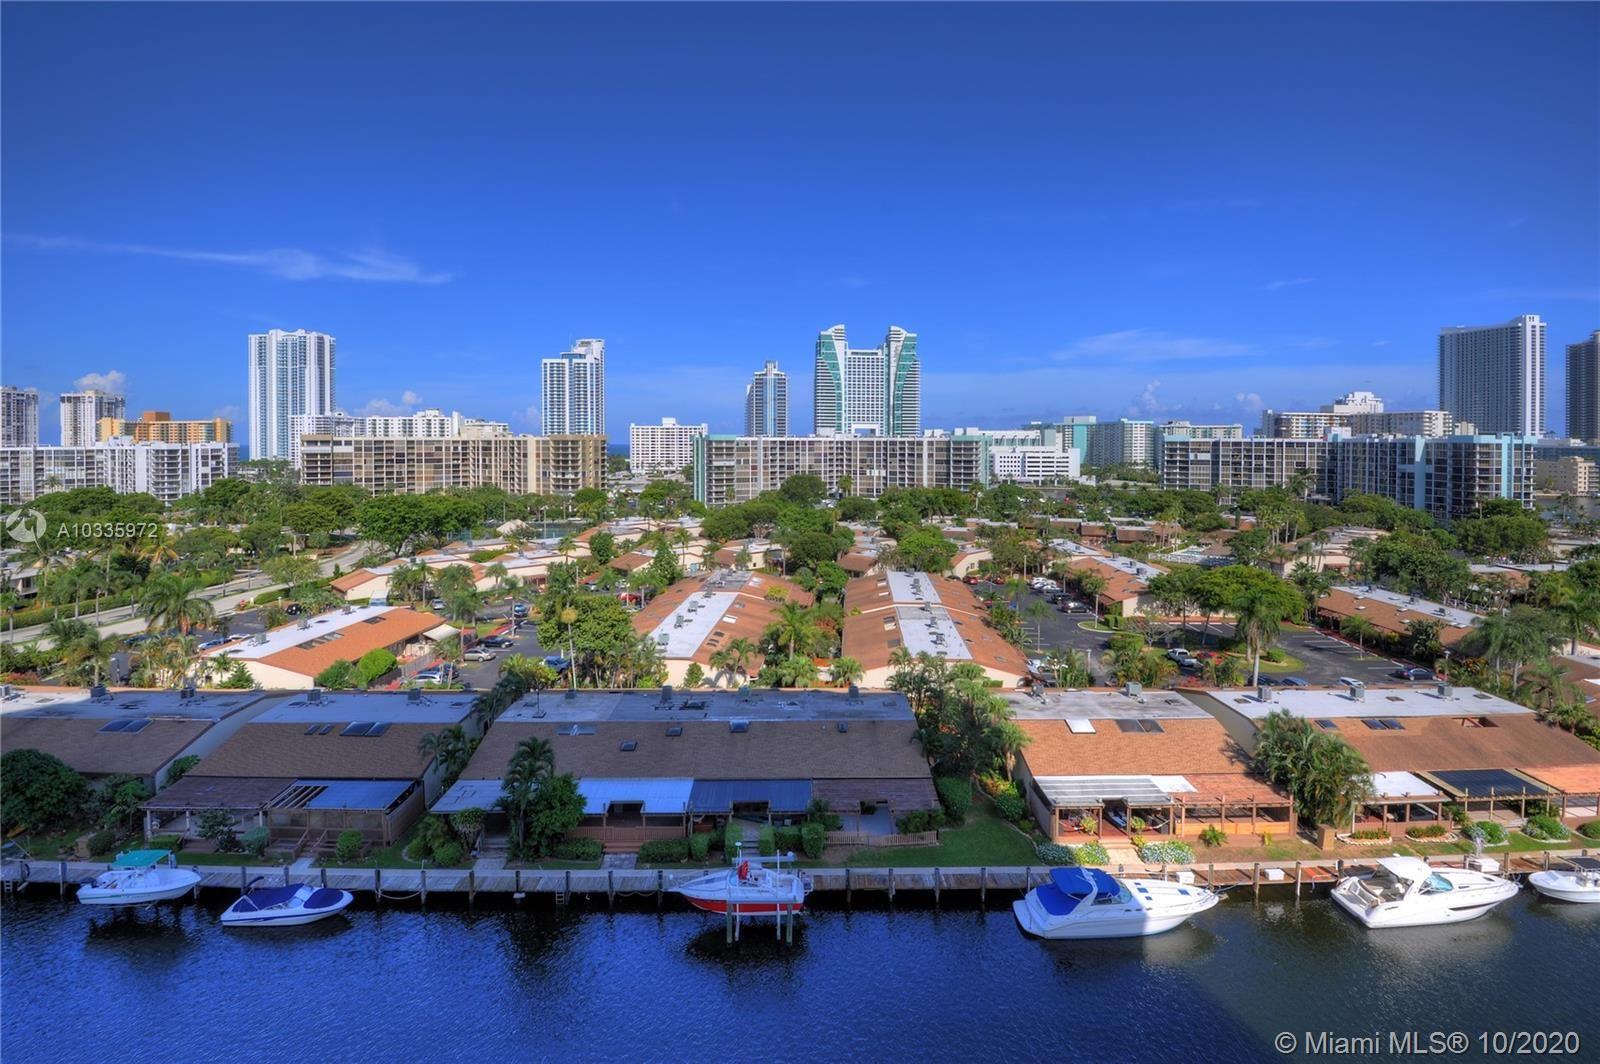 2500 Parkview Dr #1103, Hallandale Beach, FL 33009 - #: A10335972